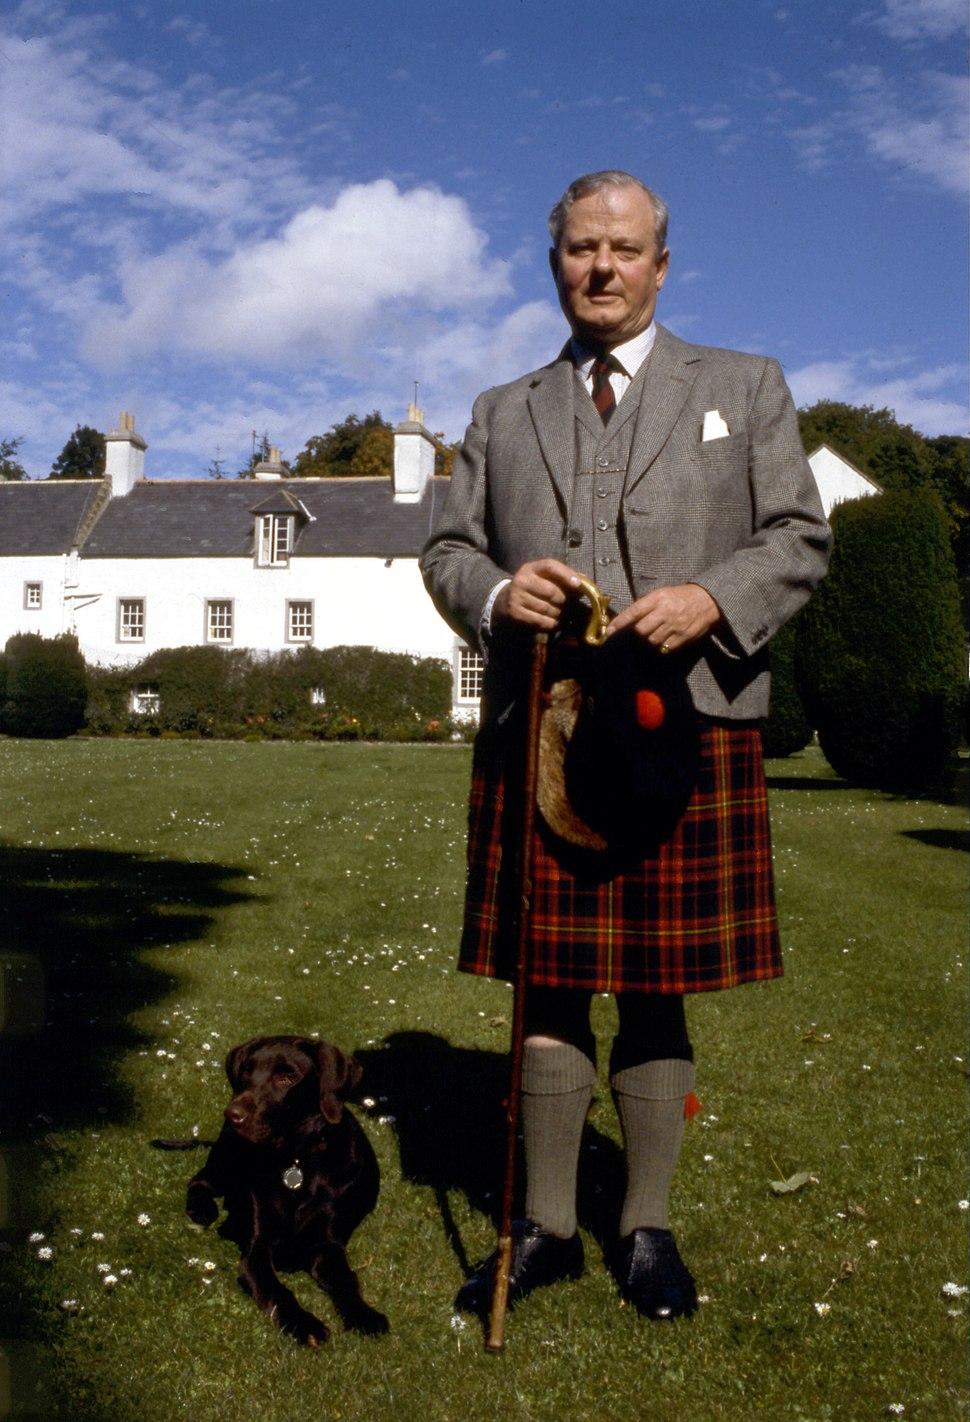 3rd Duke of Fife in Kilt. Allan Warren